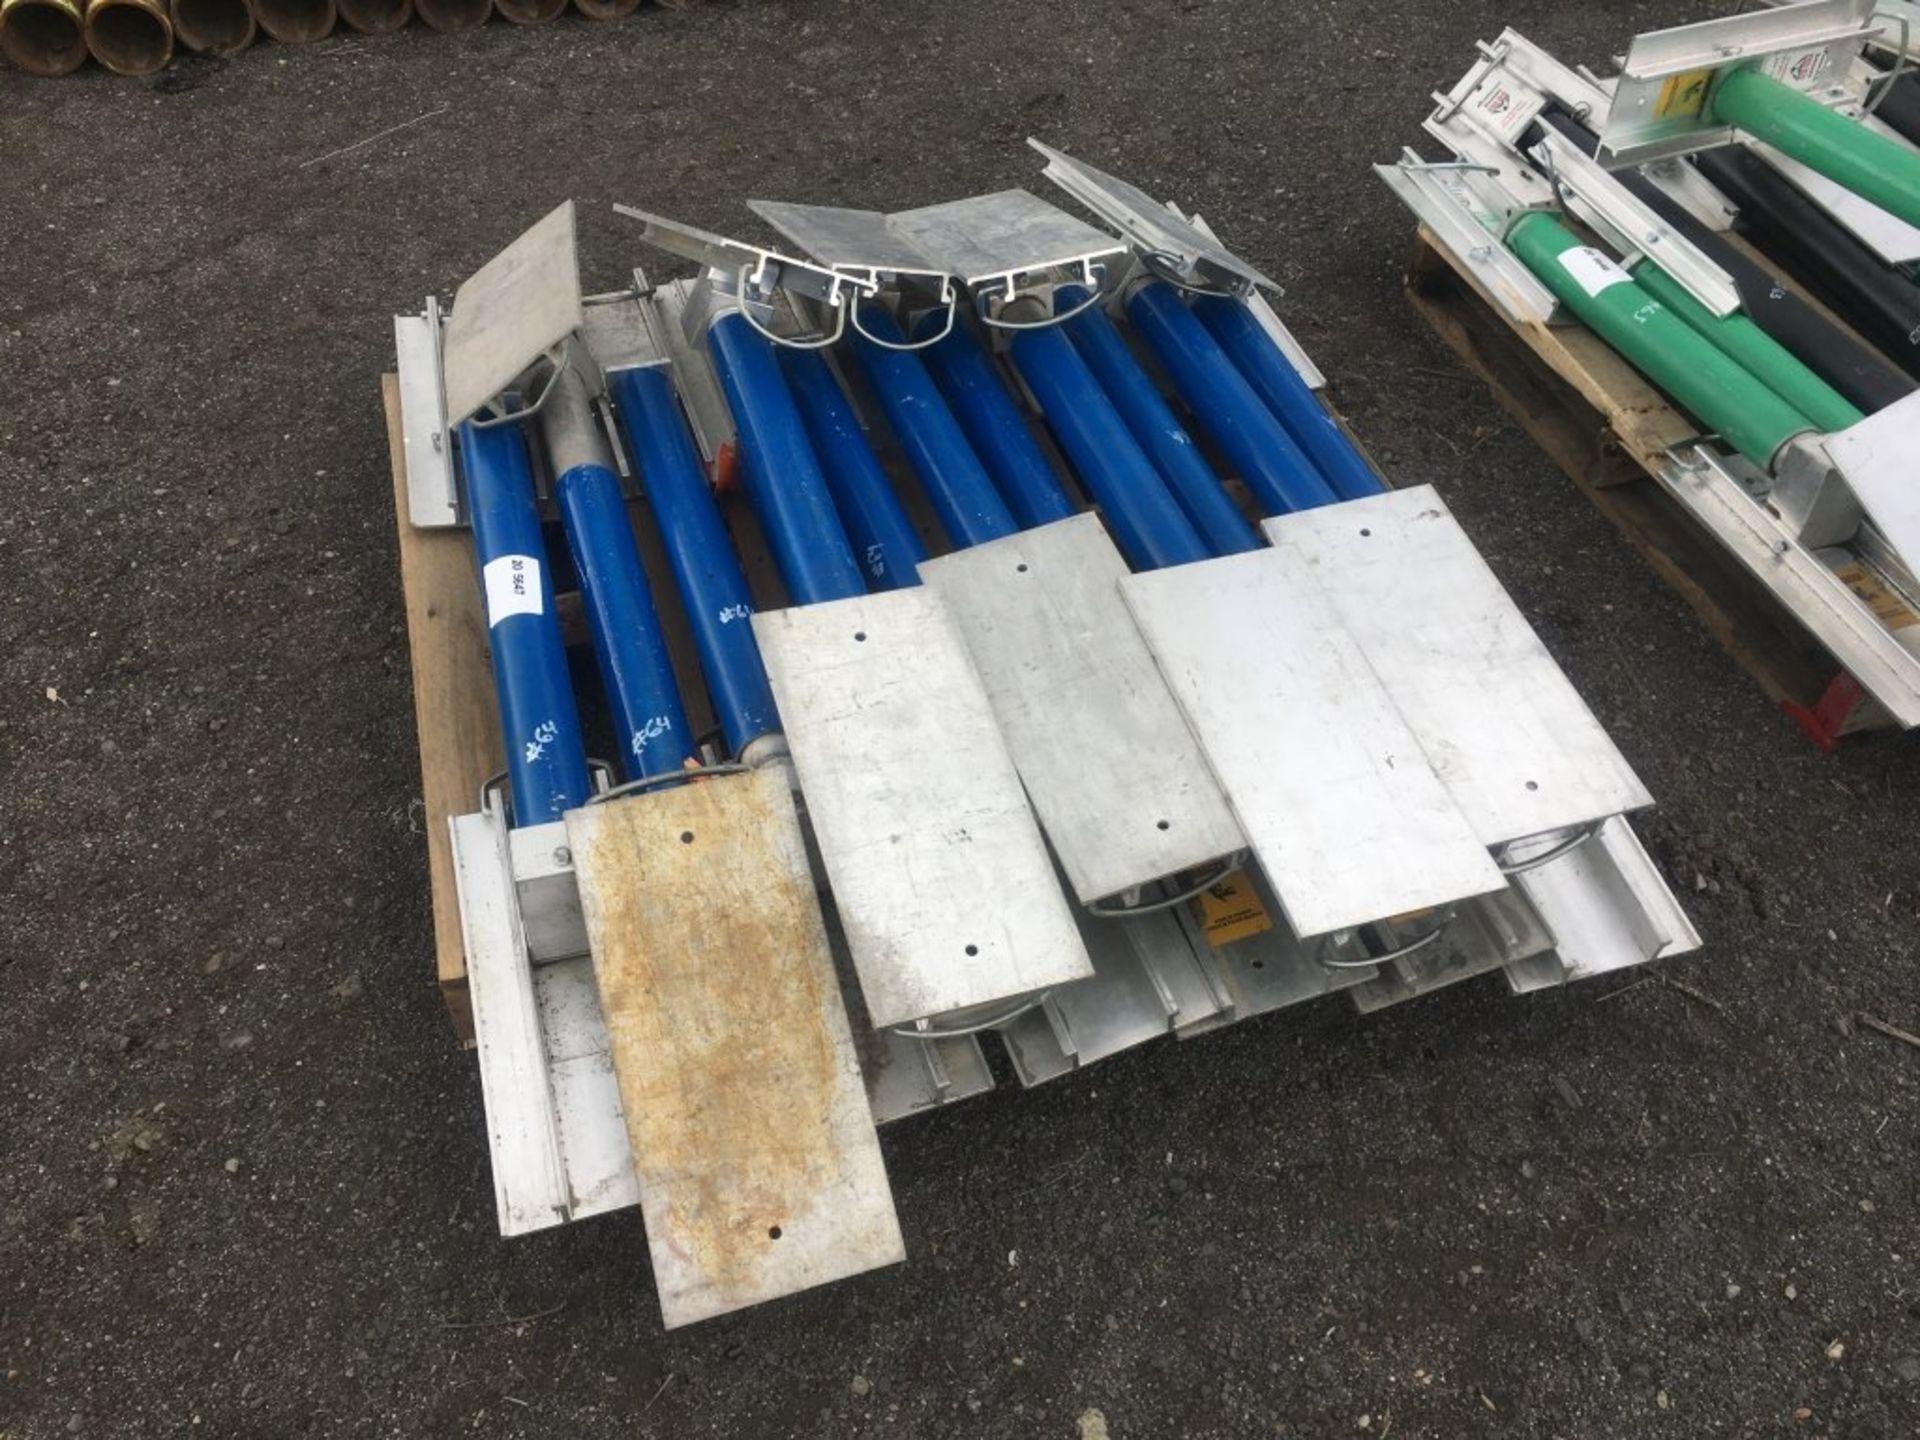 Lot 167 - Pro-Tec Aluminum Hydraulic Shores